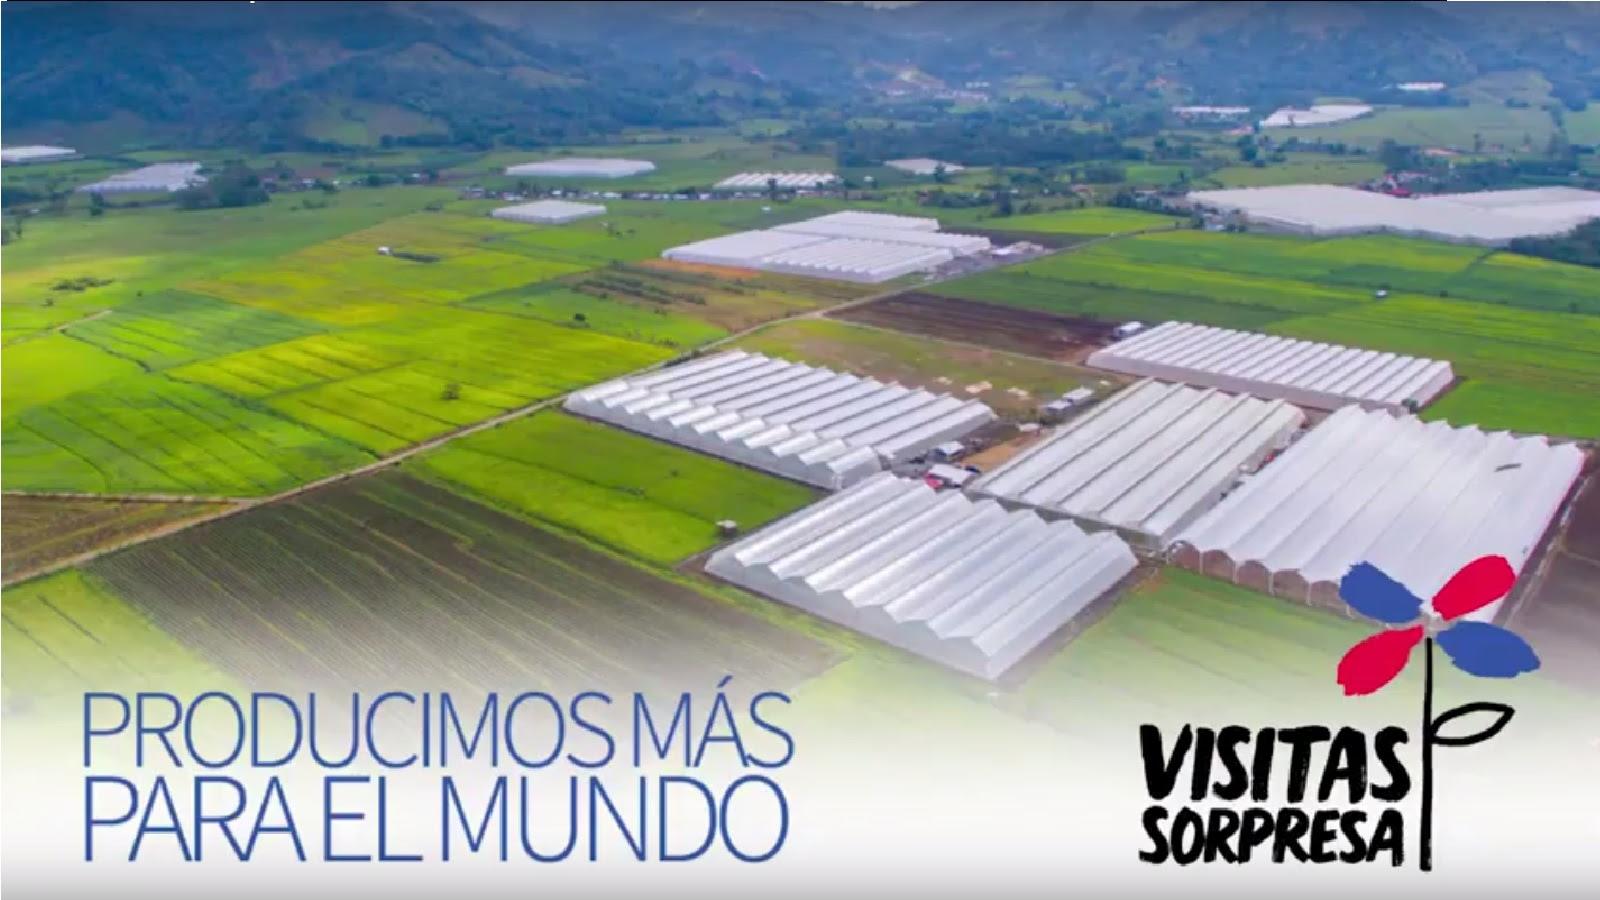 VIDEO: Producimos más para el mundo